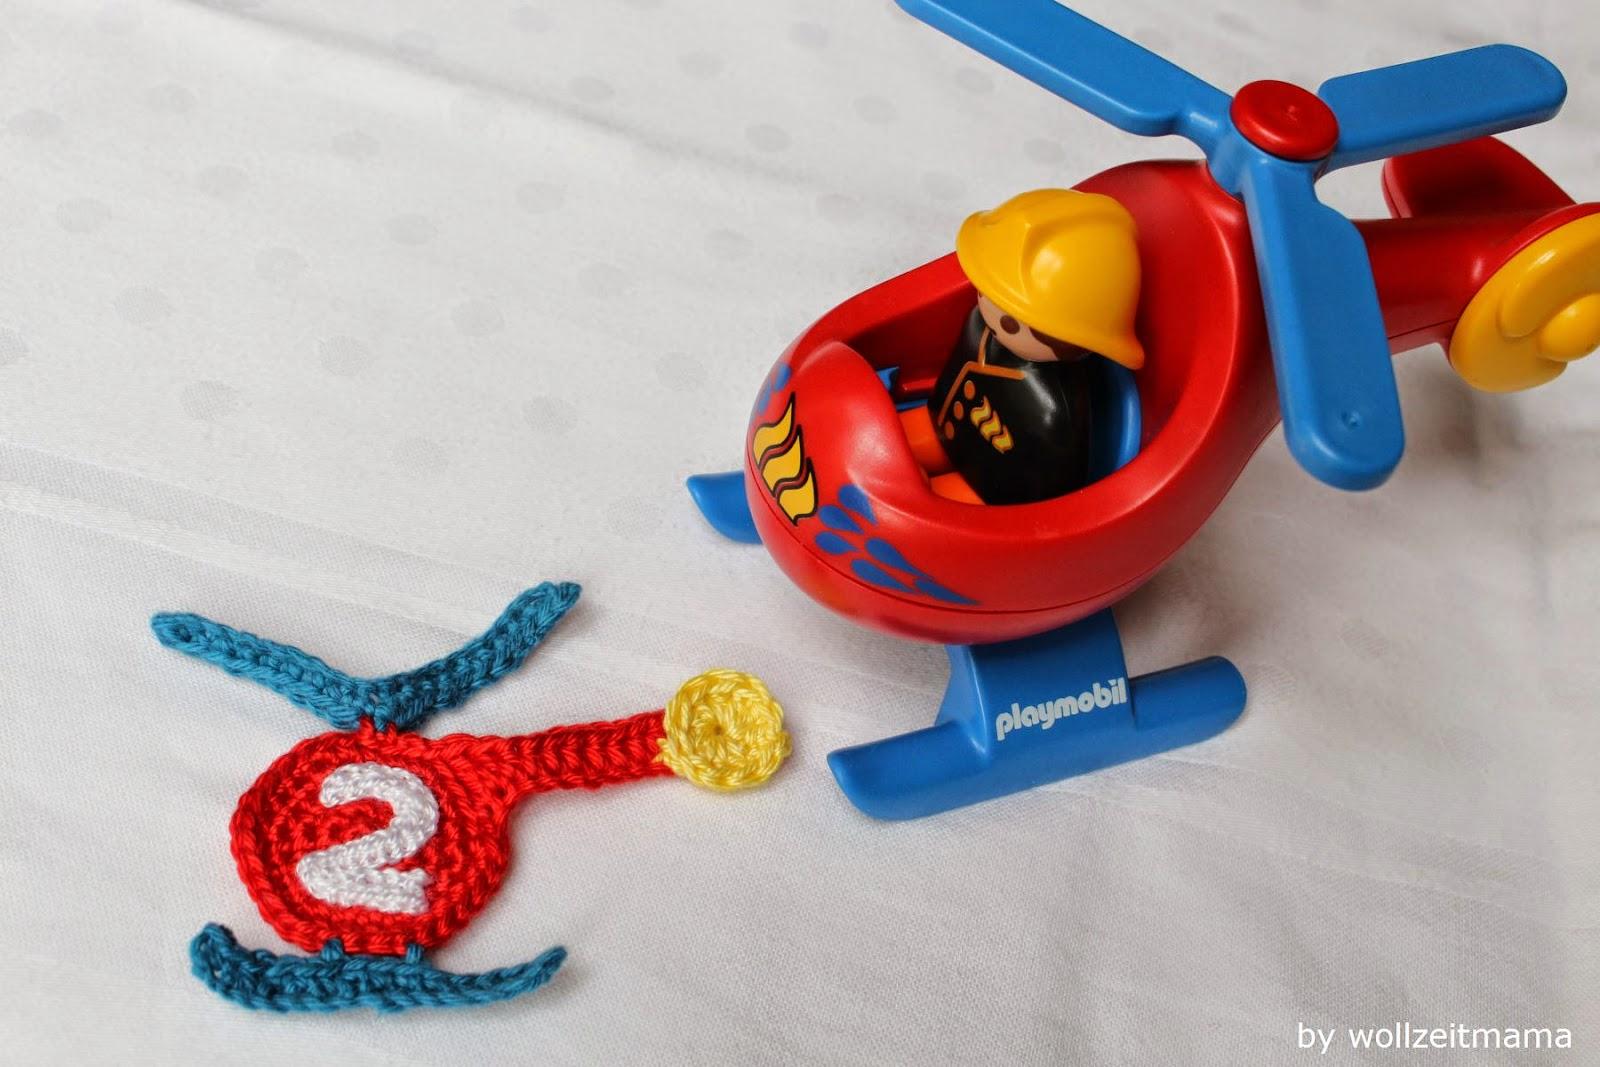 Wollzeitmama Hubschrauber Häkeln Applikation Für Kinder